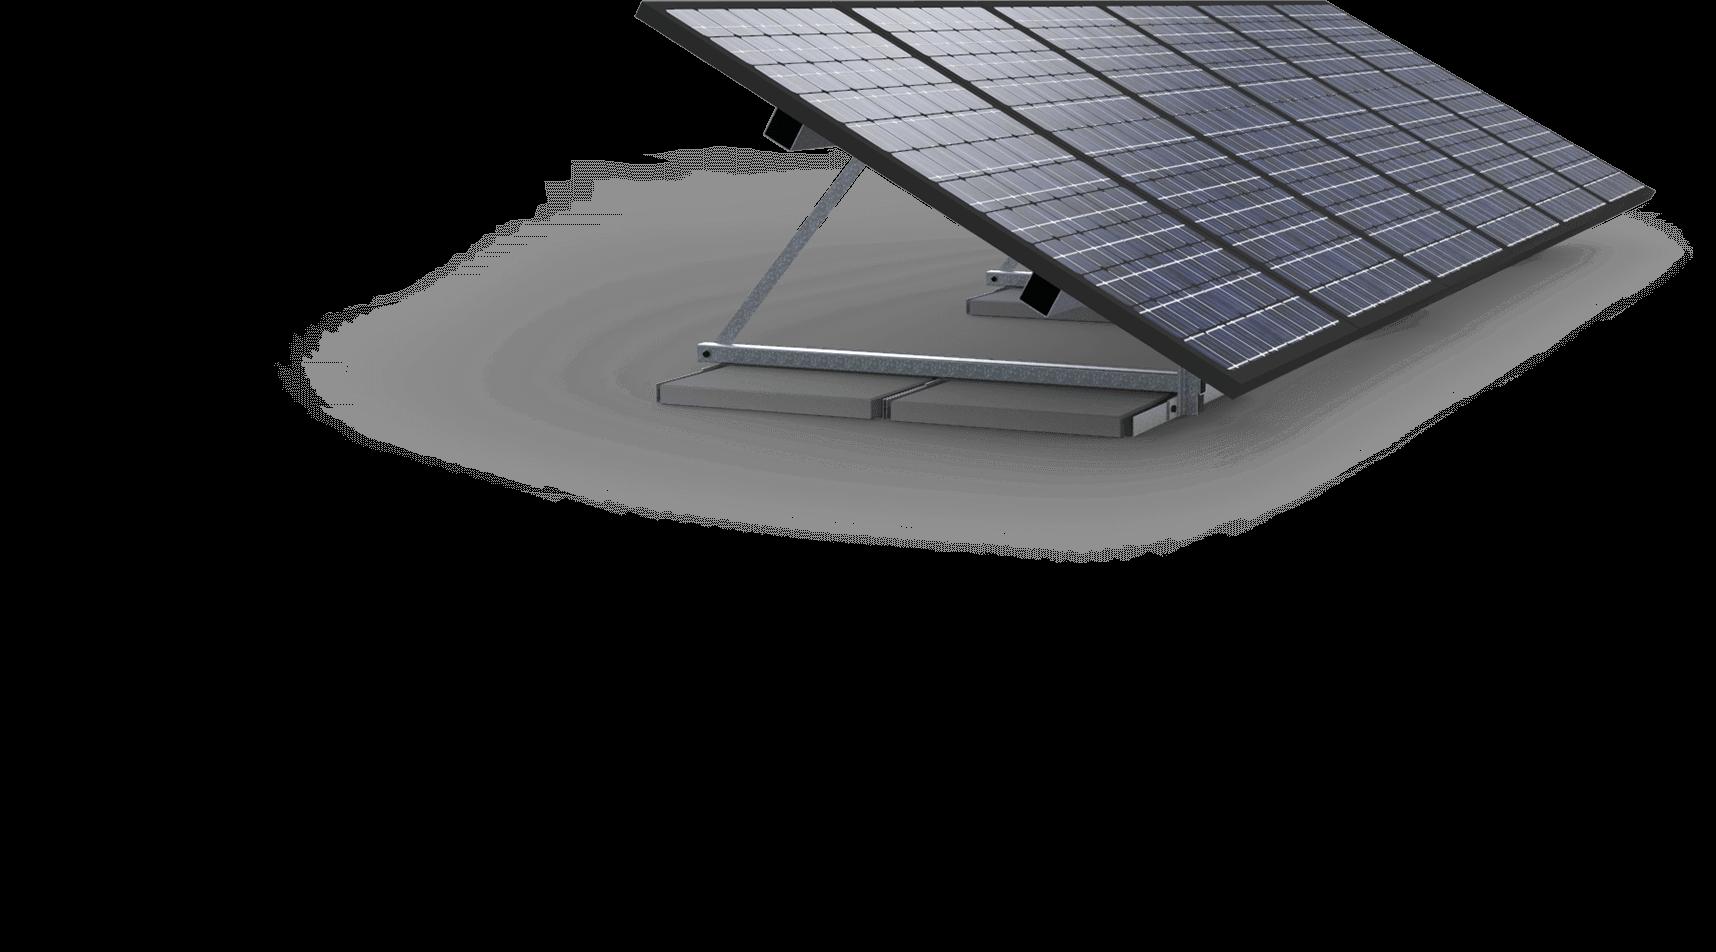 Zonne-constructie verankering middels ballast tegels